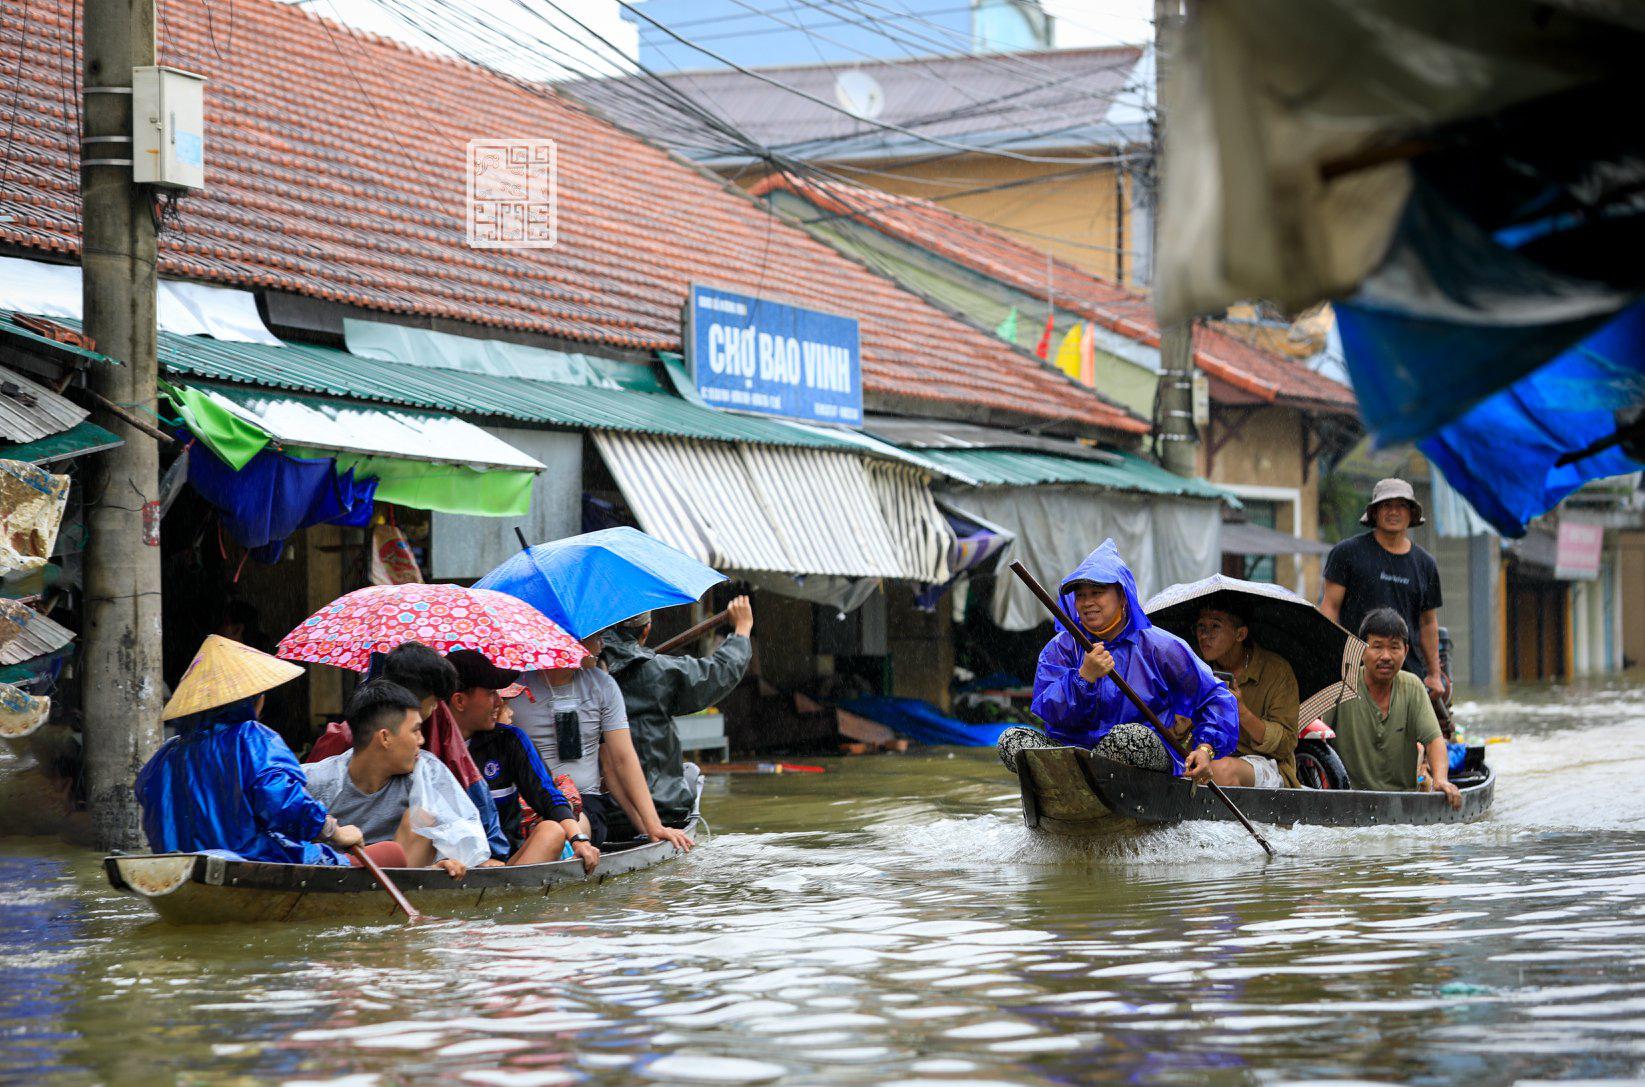 Huế ngập nặng, người dân dùng thuyền đi lại trên phố - Ảnh 3.